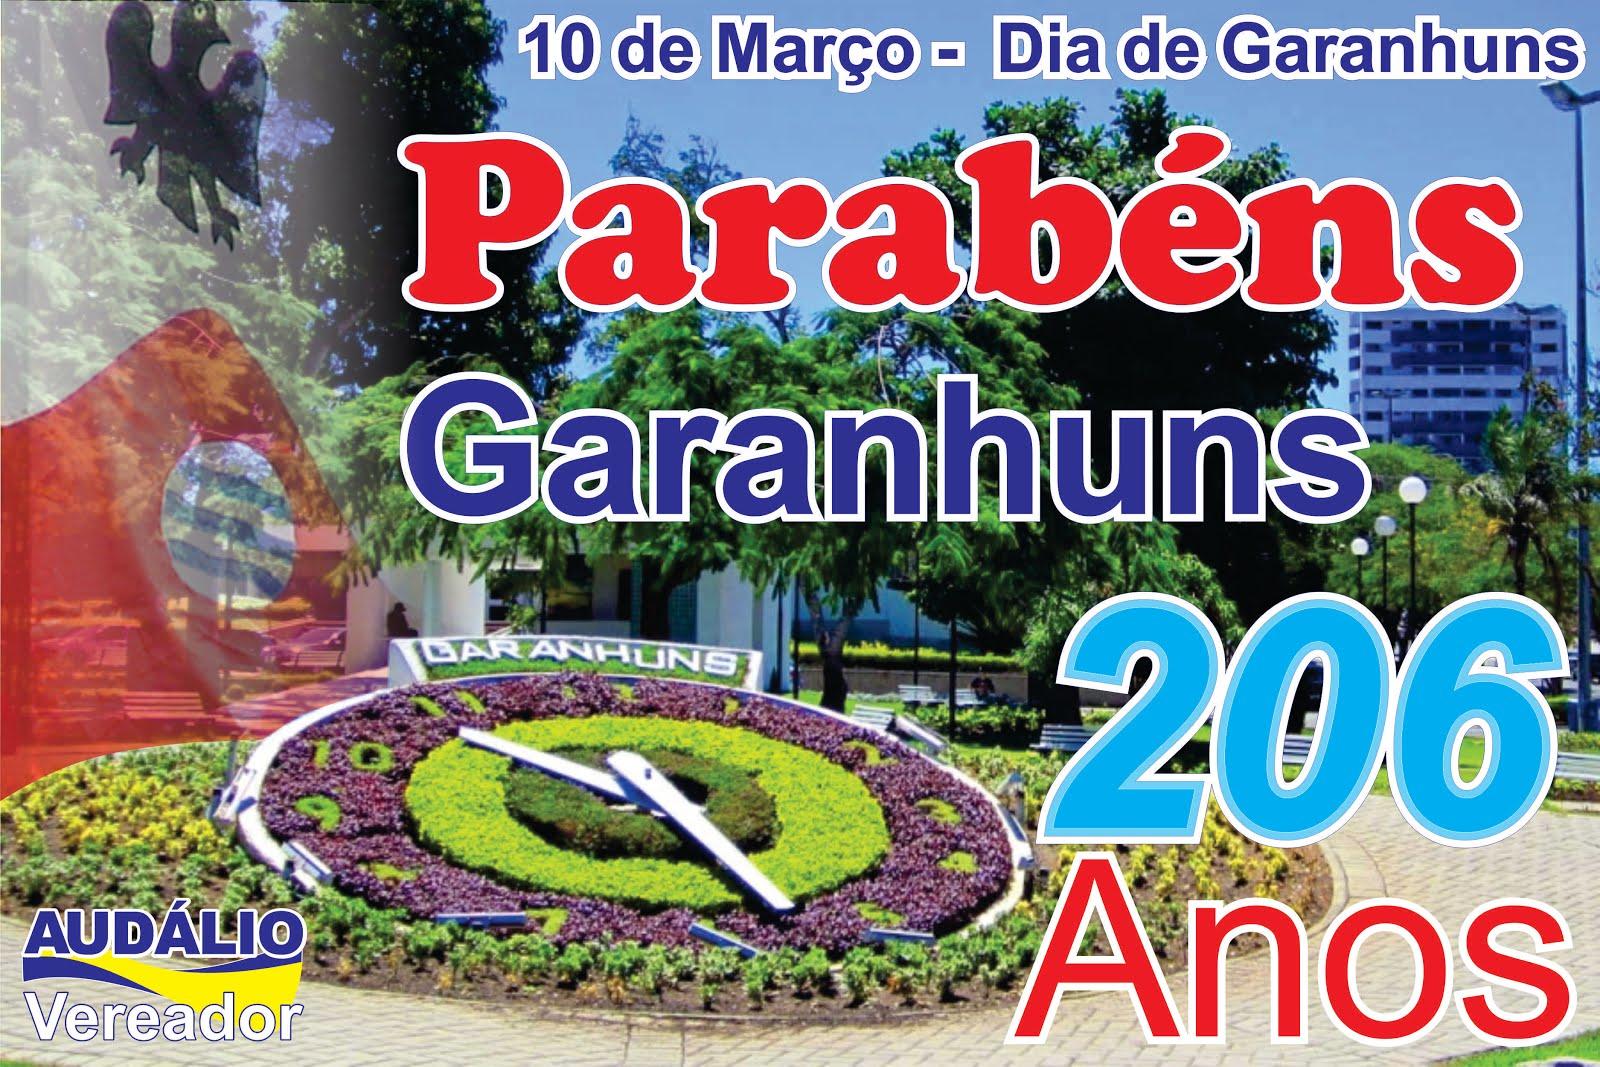 DIA DE GARANHUNS